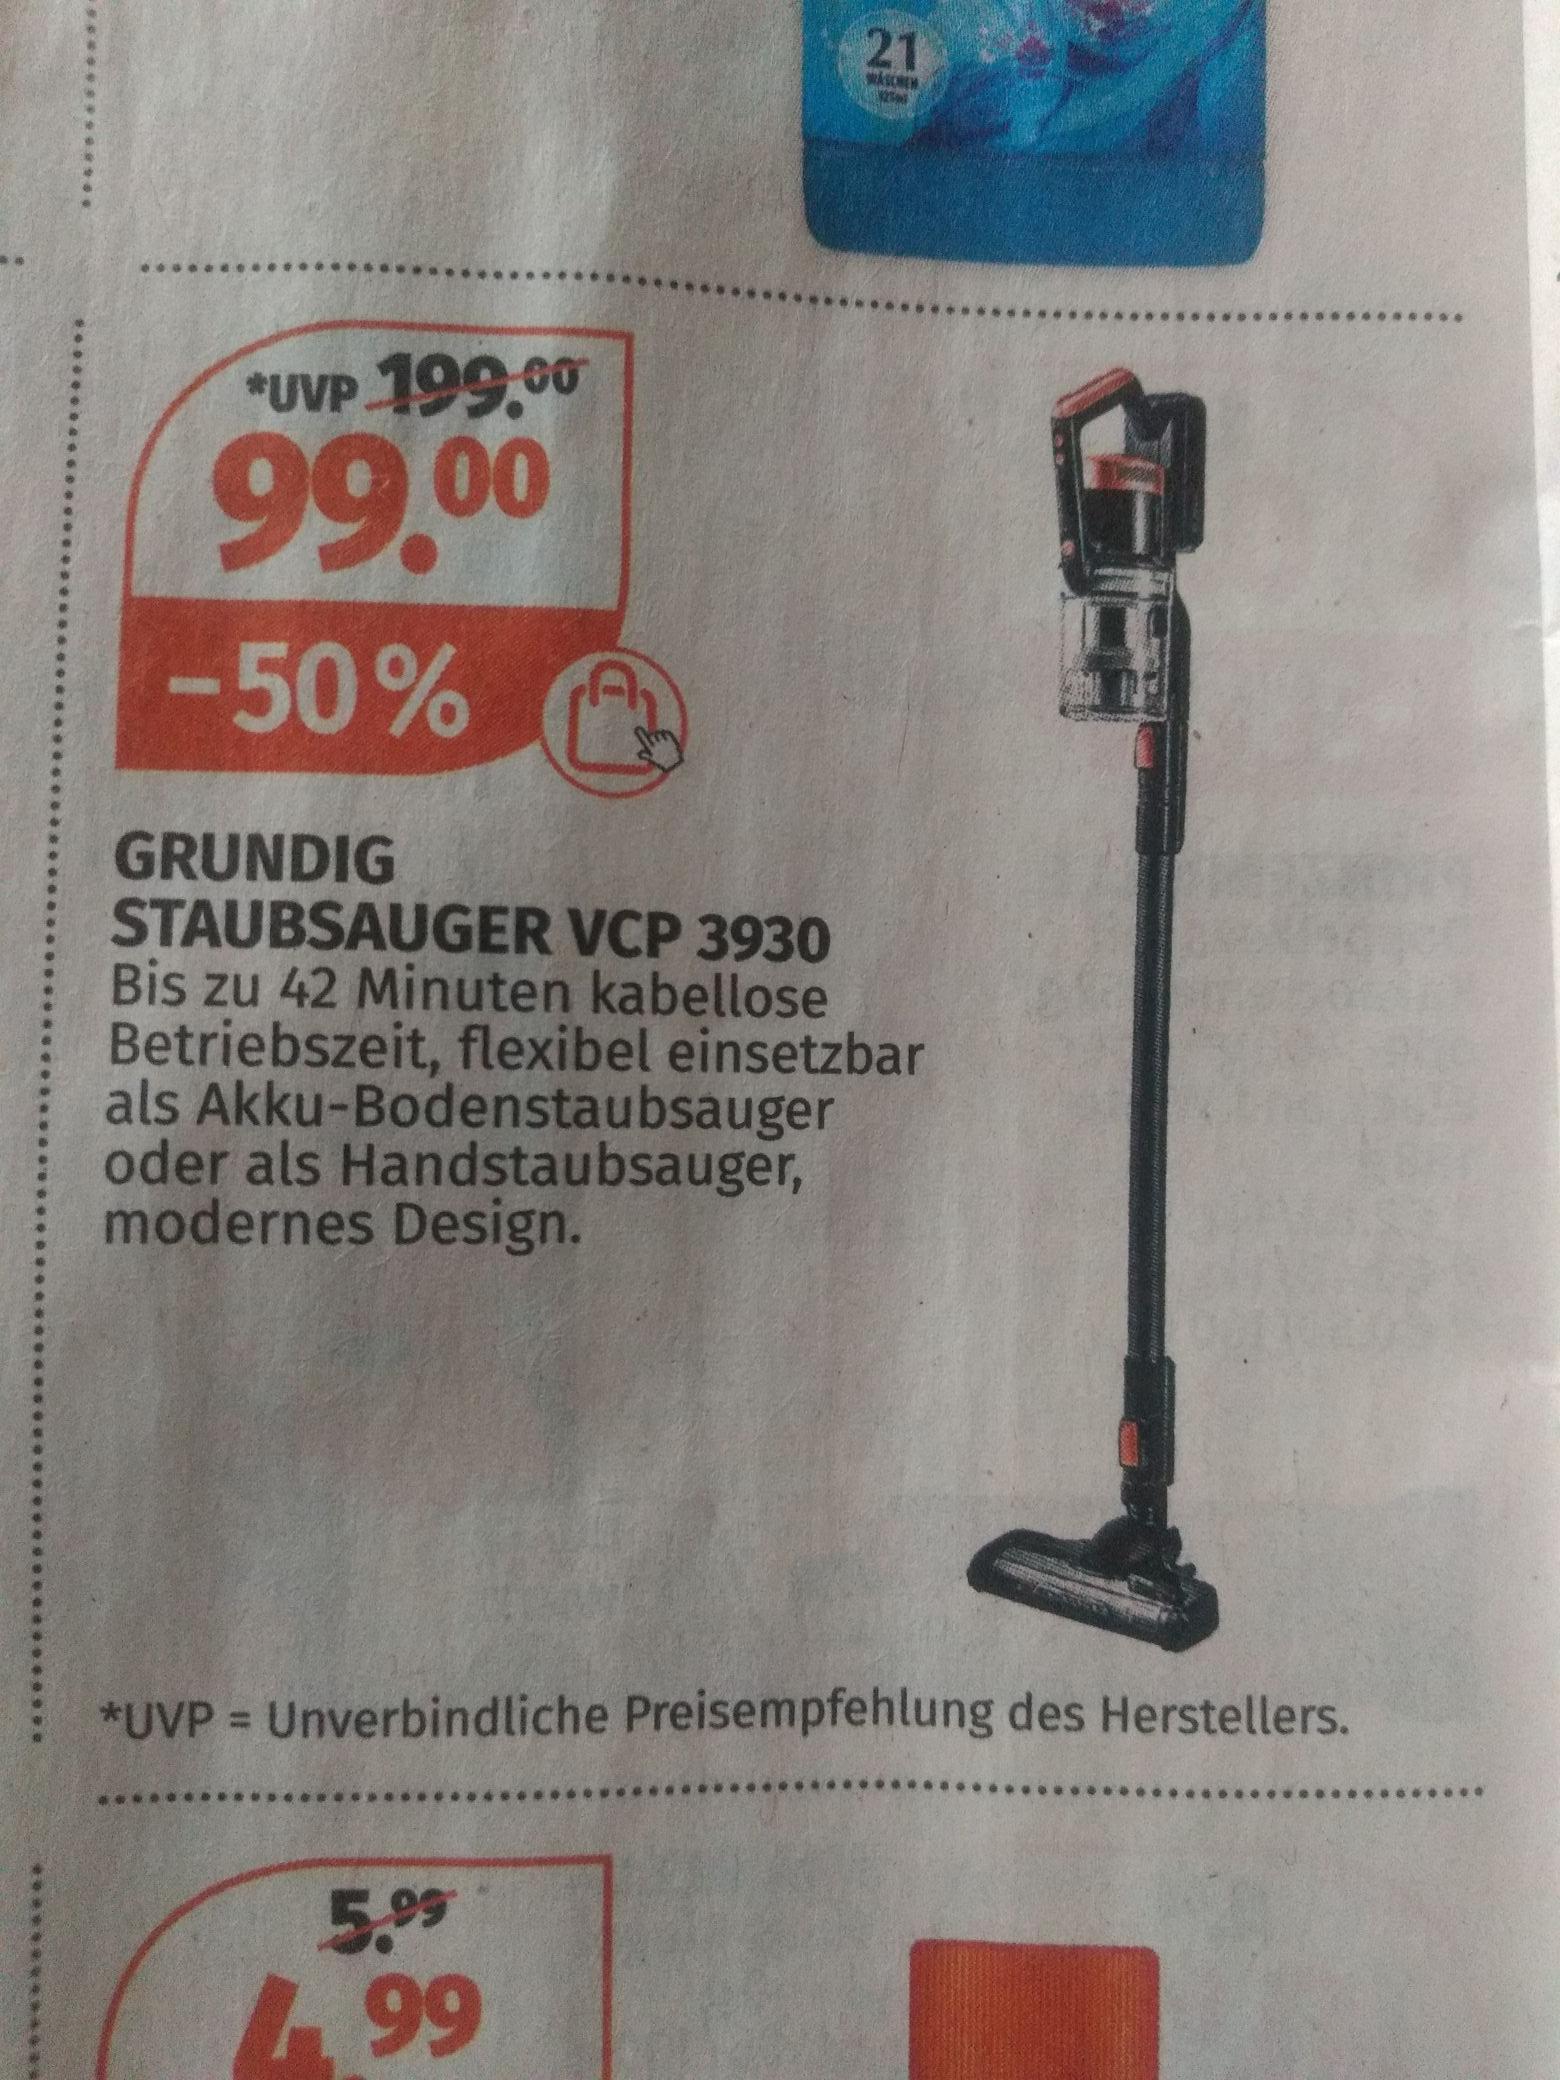 Grundig Akkustaubsauger VCP 3930 mit Rossmann Coupon für 89€